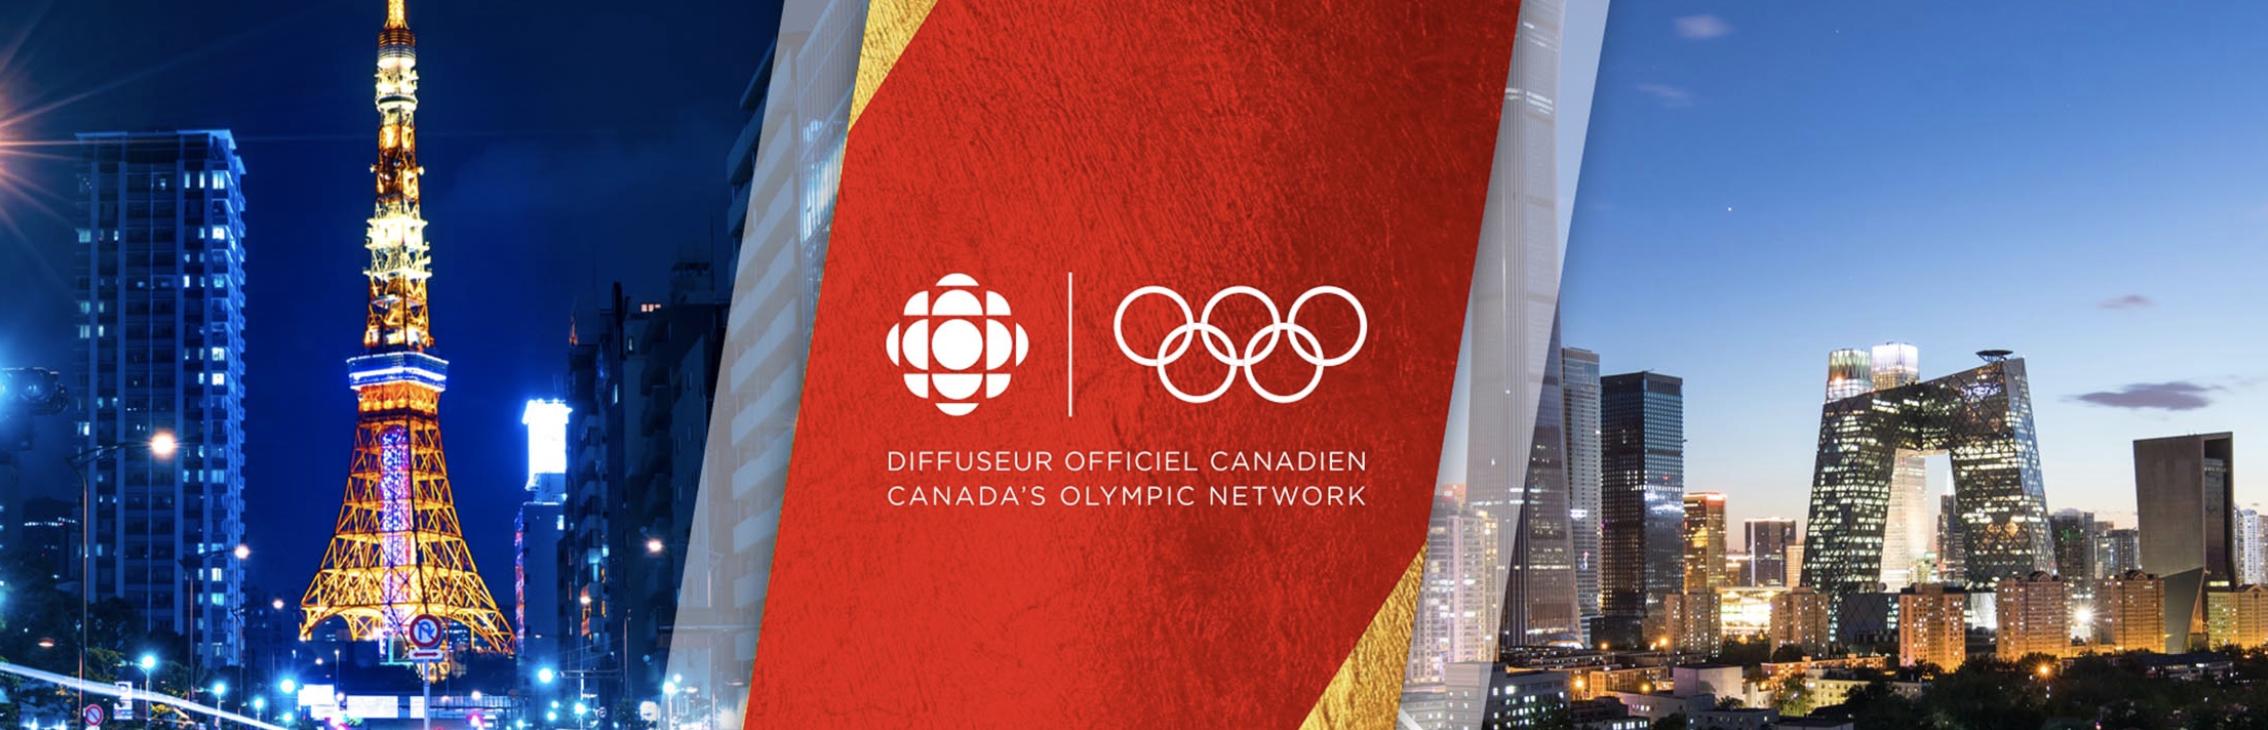 CBC/Radio-Canada s'associe à Twitter Canada pour la couverture des Jeux Olympiques